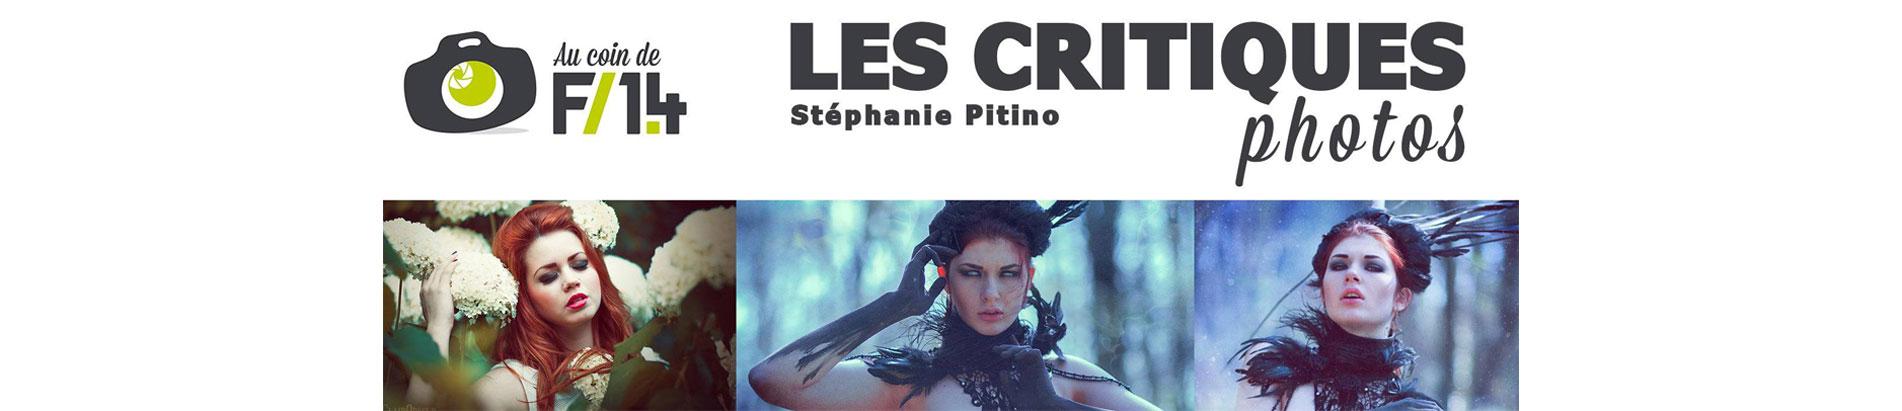 Vidéo : Les critiques photos – Episode 8 / Stéphanie Pitino alias ClairObscur – Au coin de F/1.4